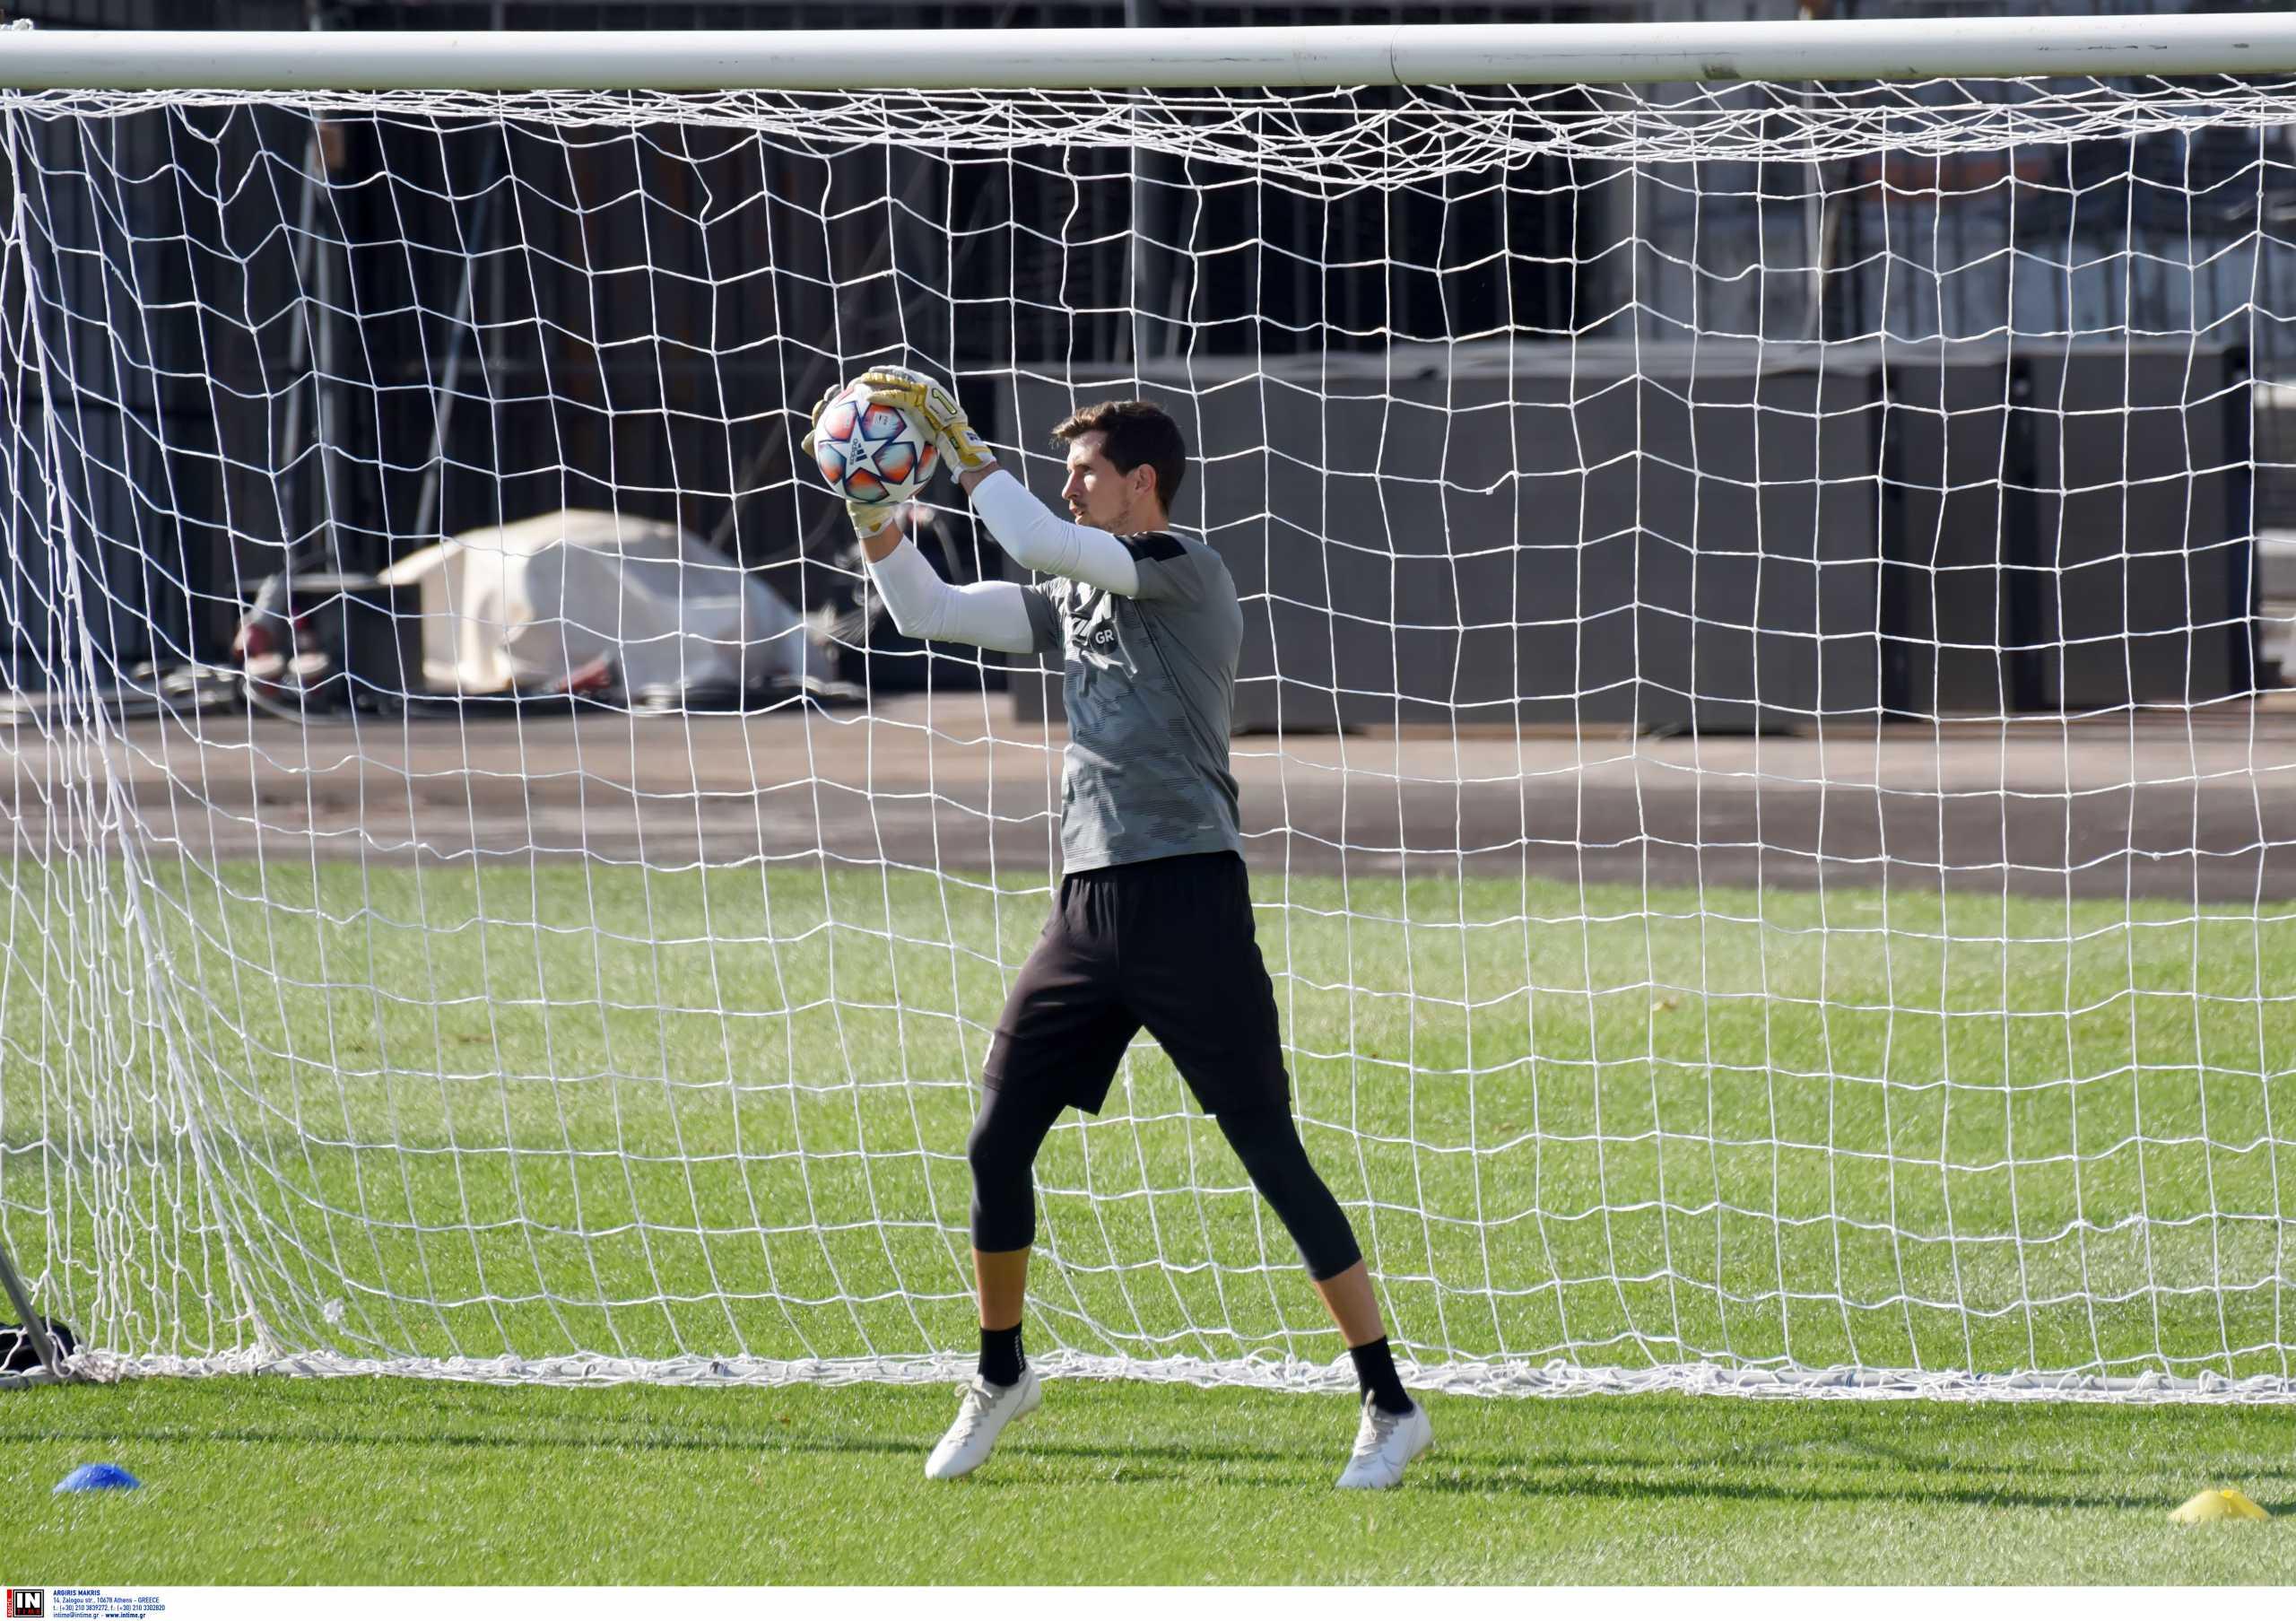 Ο ΠΑΟΚ ανακοίνωσε τη μεταγραφή του Ρέι στη Χιμνάσια Λα Πλάτα